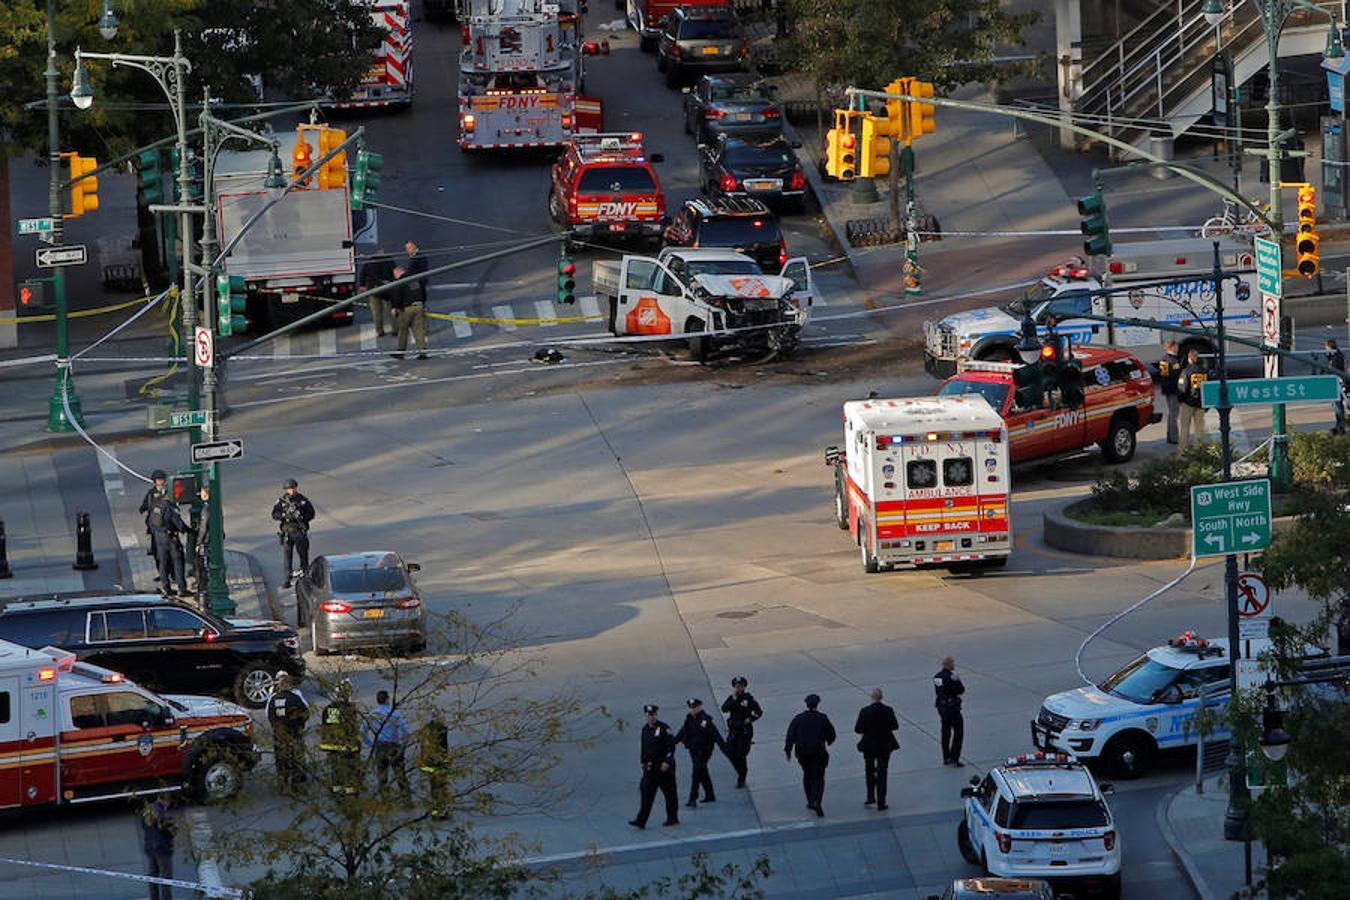 El atropello masivo en el sur de Manhattan, en imágenes